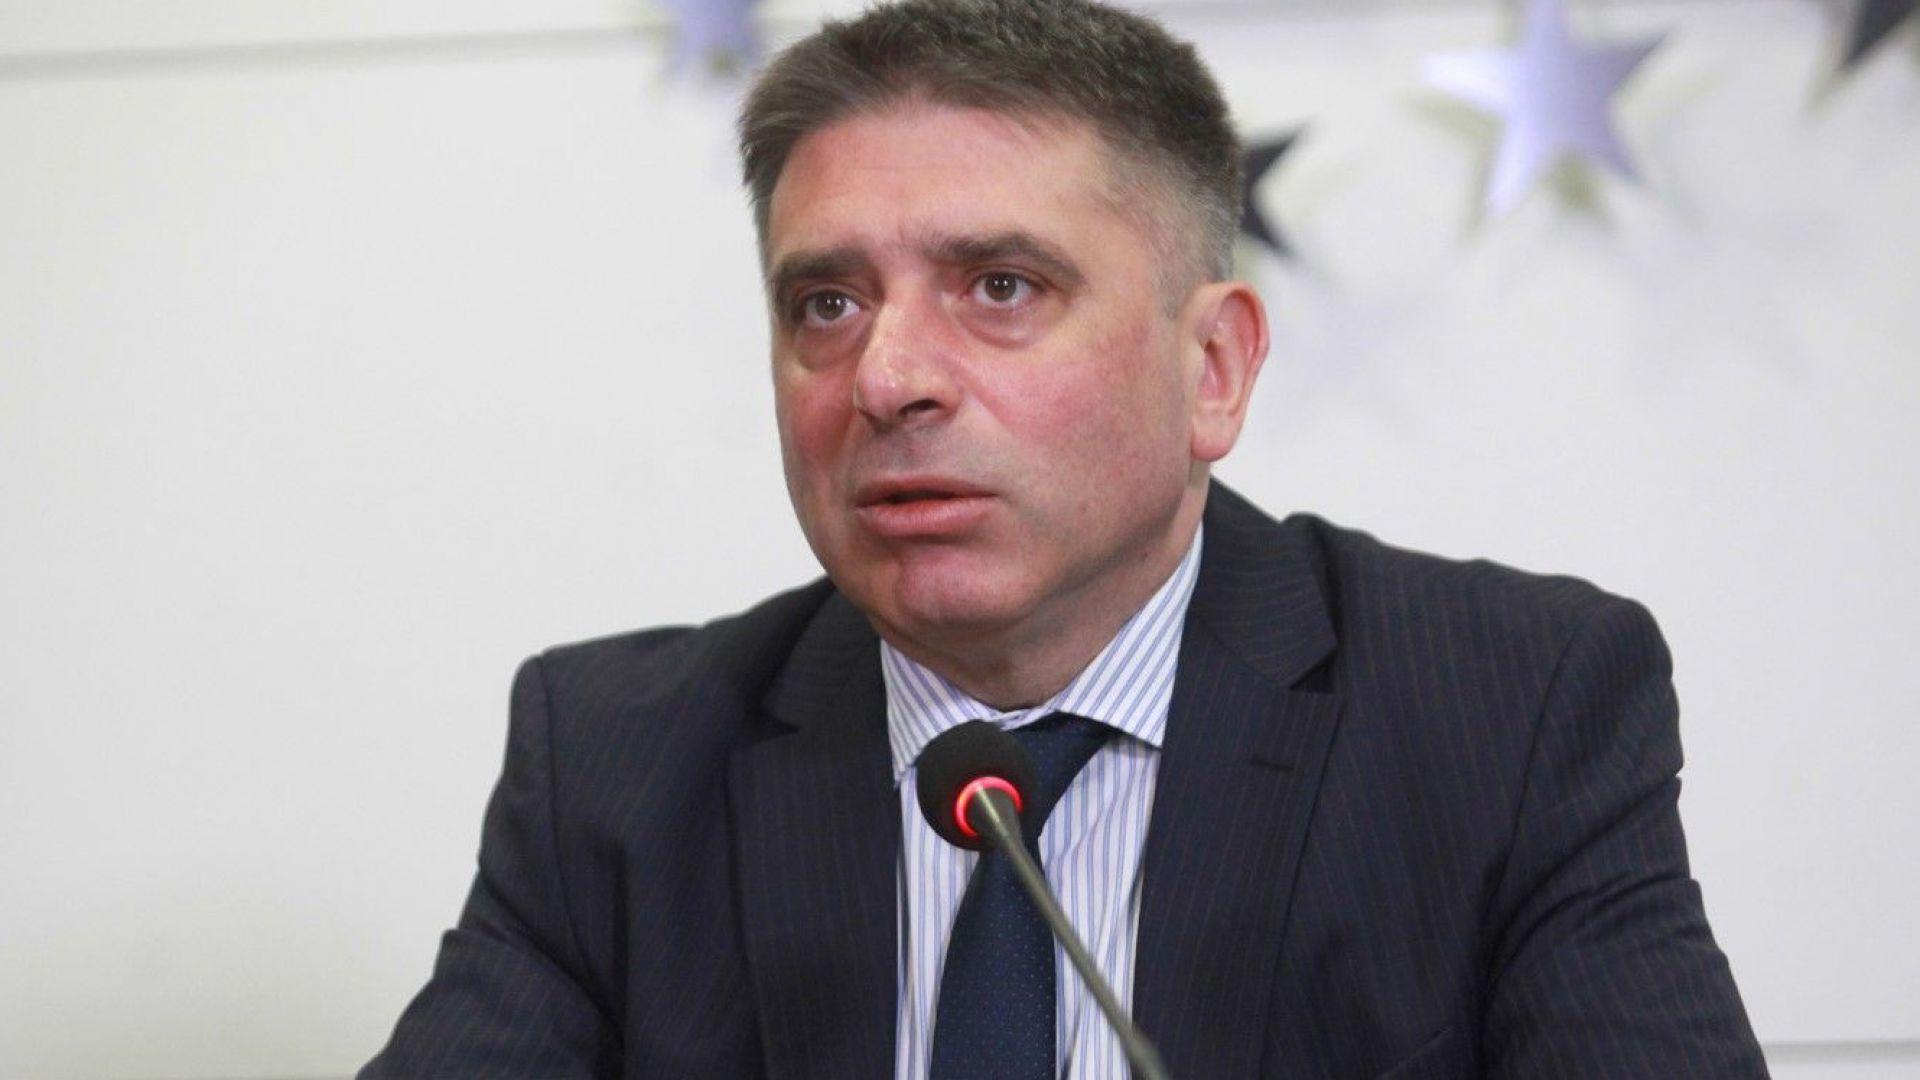 Данаил Кирилов: Гордея се със законите, които съм внесъл, няма лобизъм